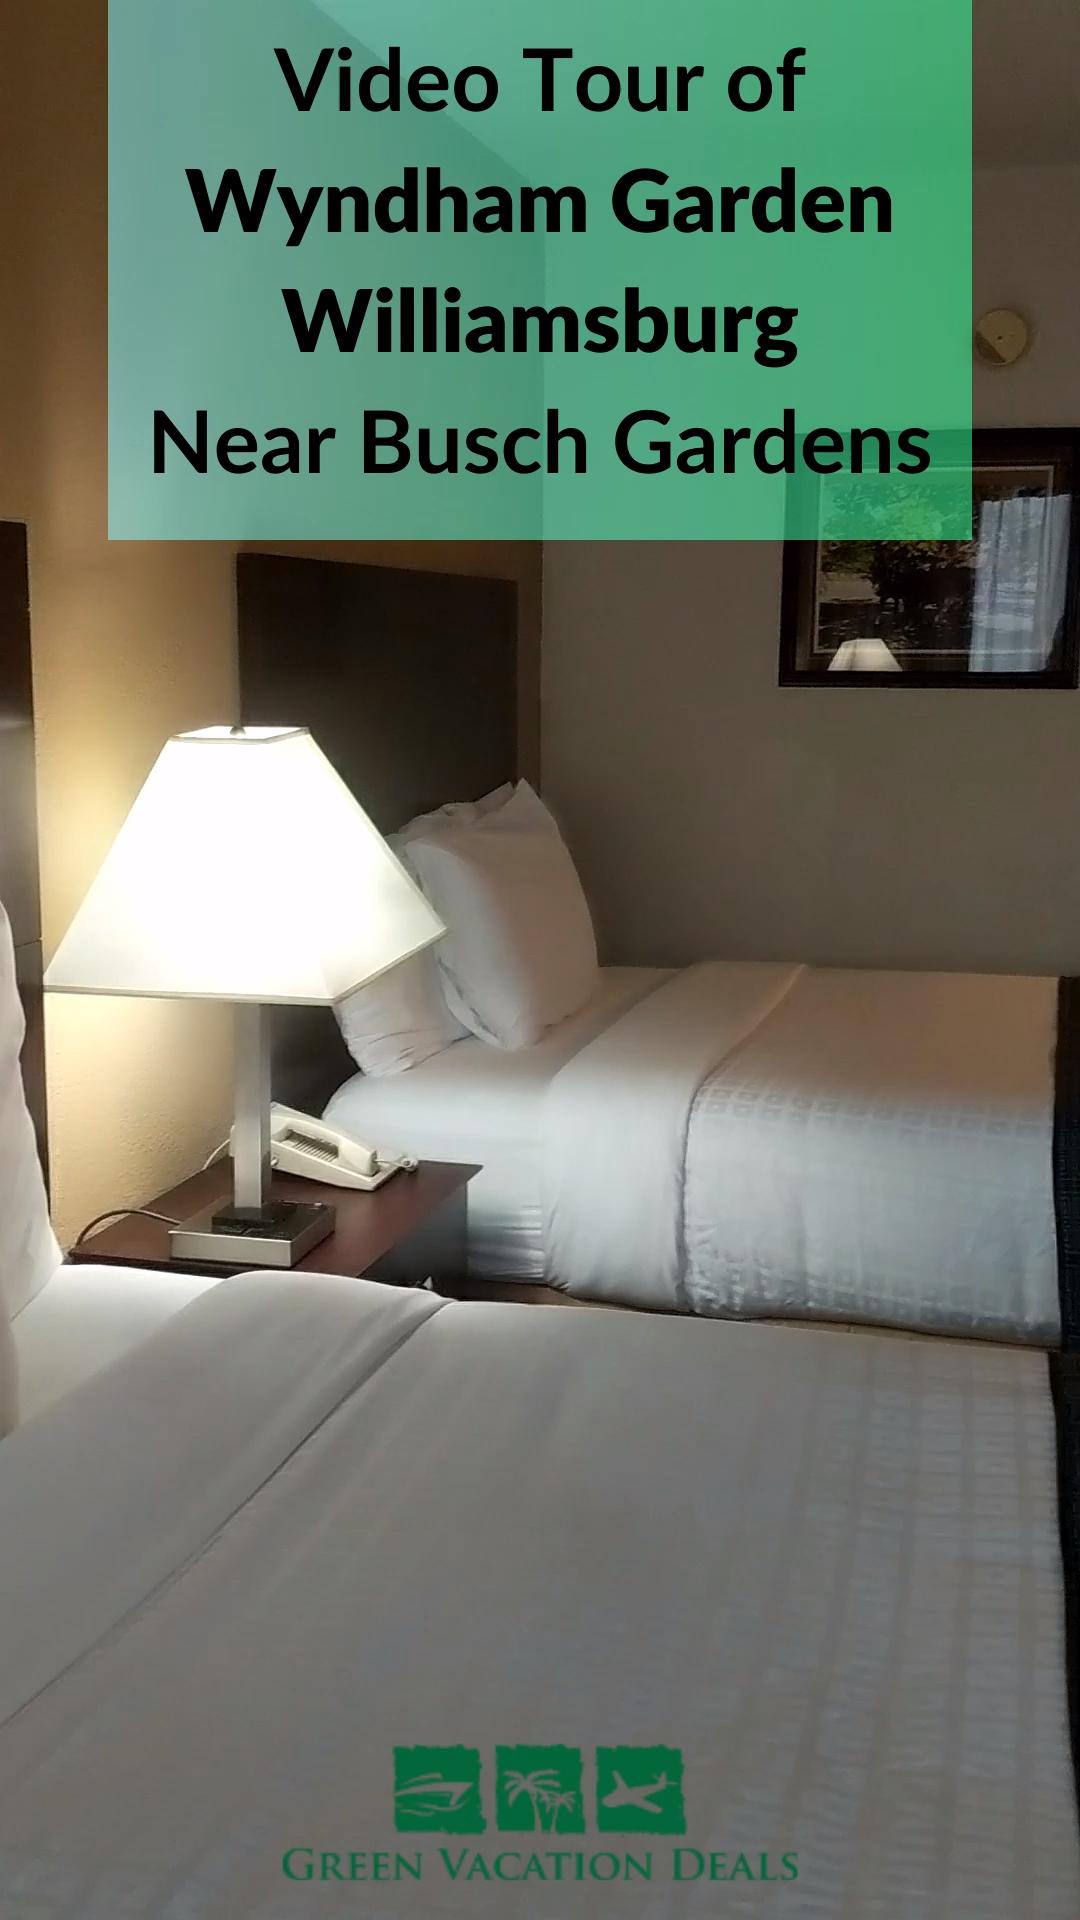 ce563a4a2e7d7c97bdc1fdac31ab441c - Wyndham Garden Hotel Busch Gardens Williamsburg